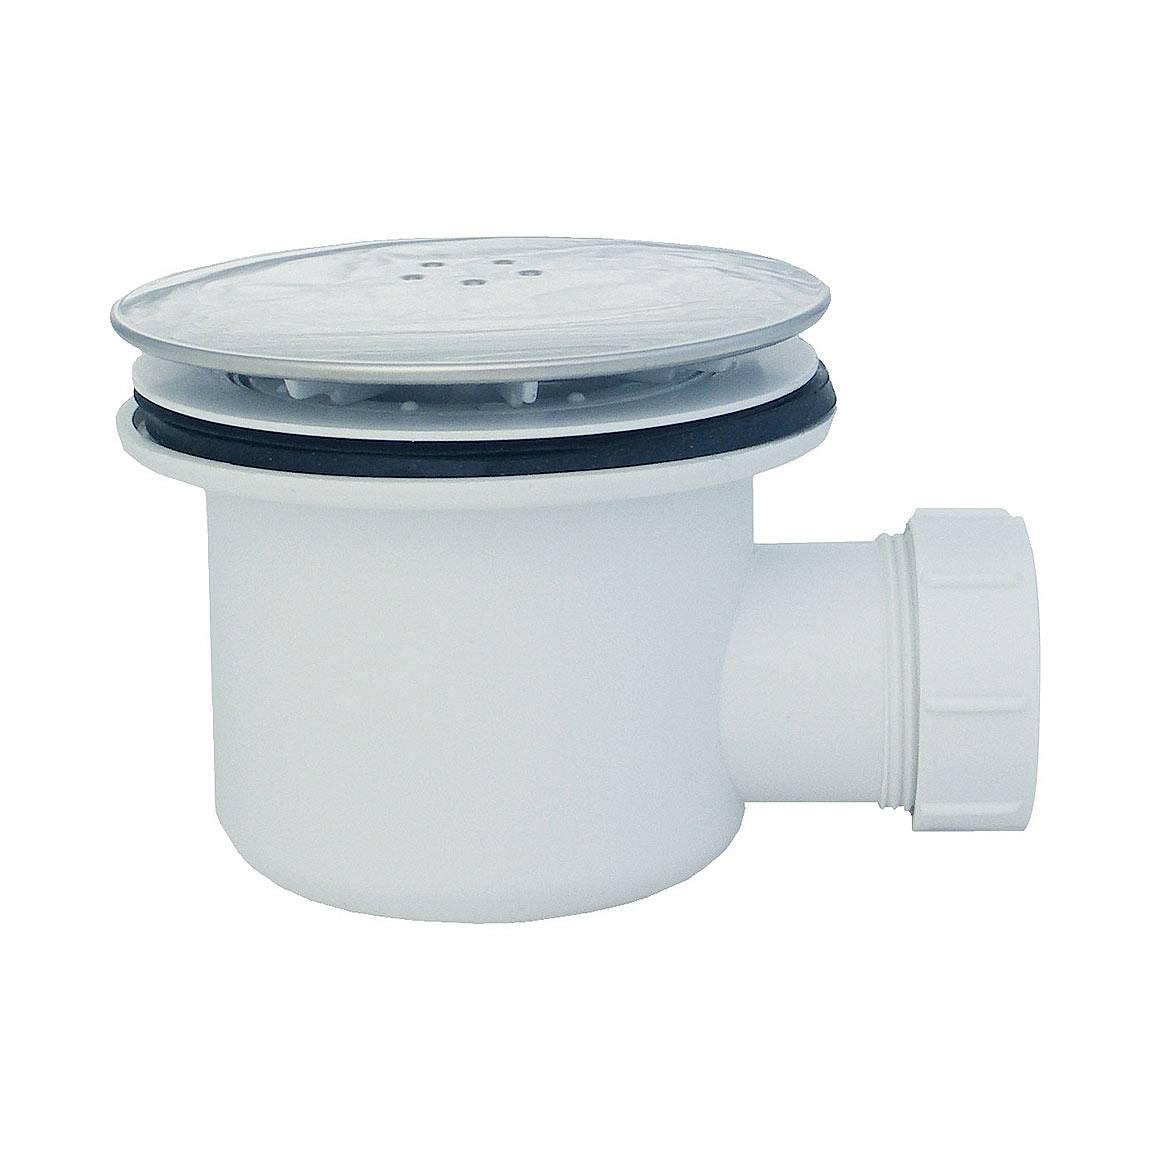 90mm Slimline Shower Tray Waste